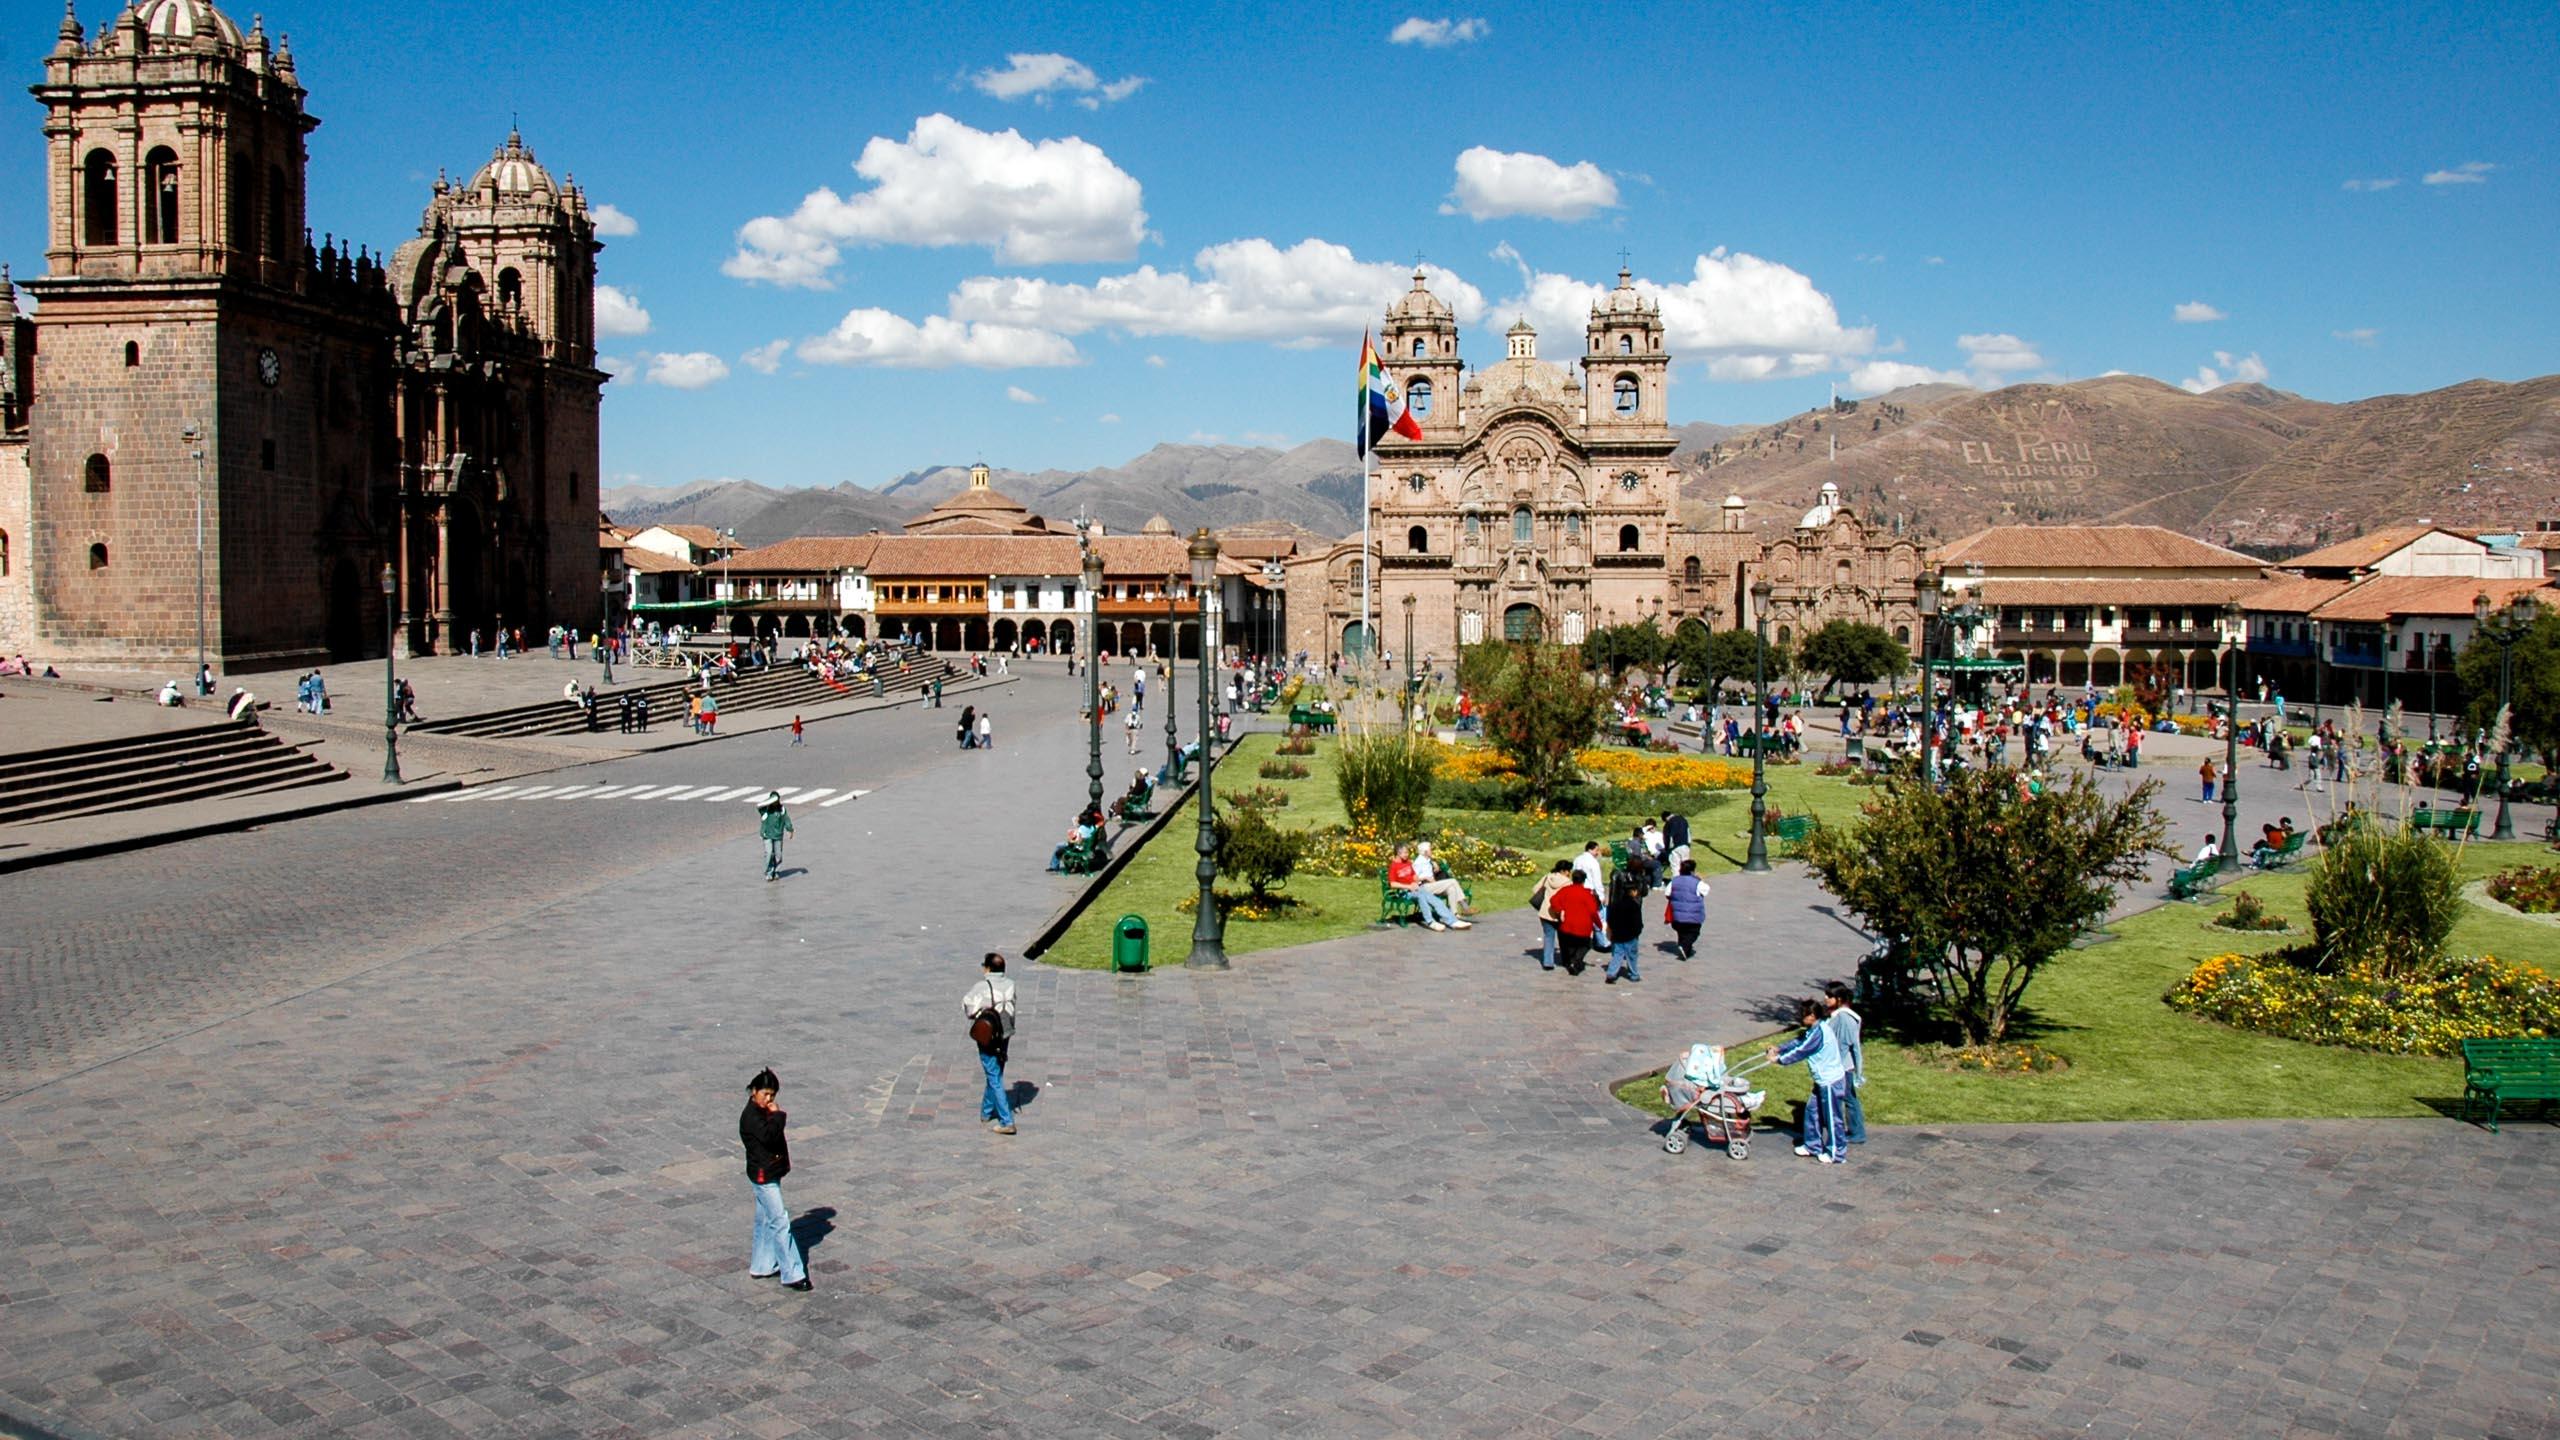 City of Cusco, Peru